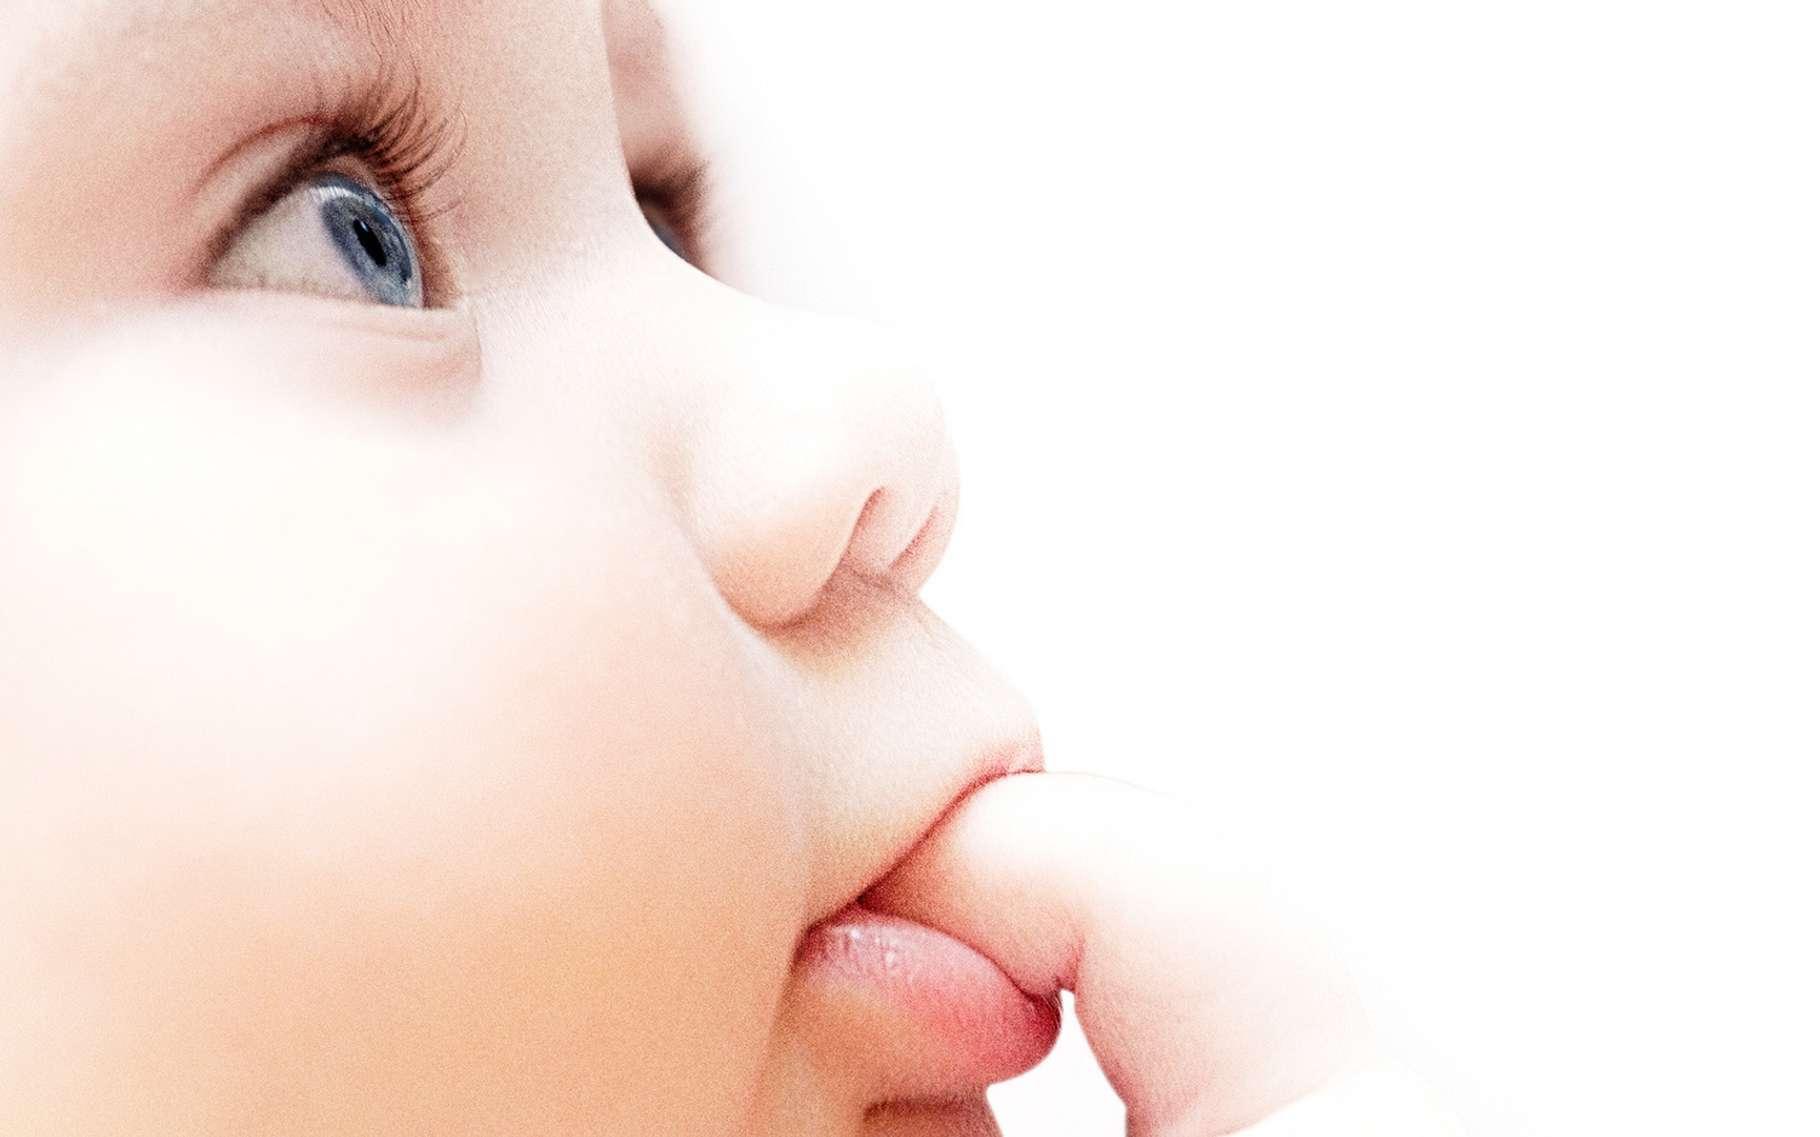 La peau des bébés est riche en fibroblastes, capables de se transformer en cellules adipeuses. De quoi les aider à lutter contre certains types d'infections. © Zffoto, Fotolia